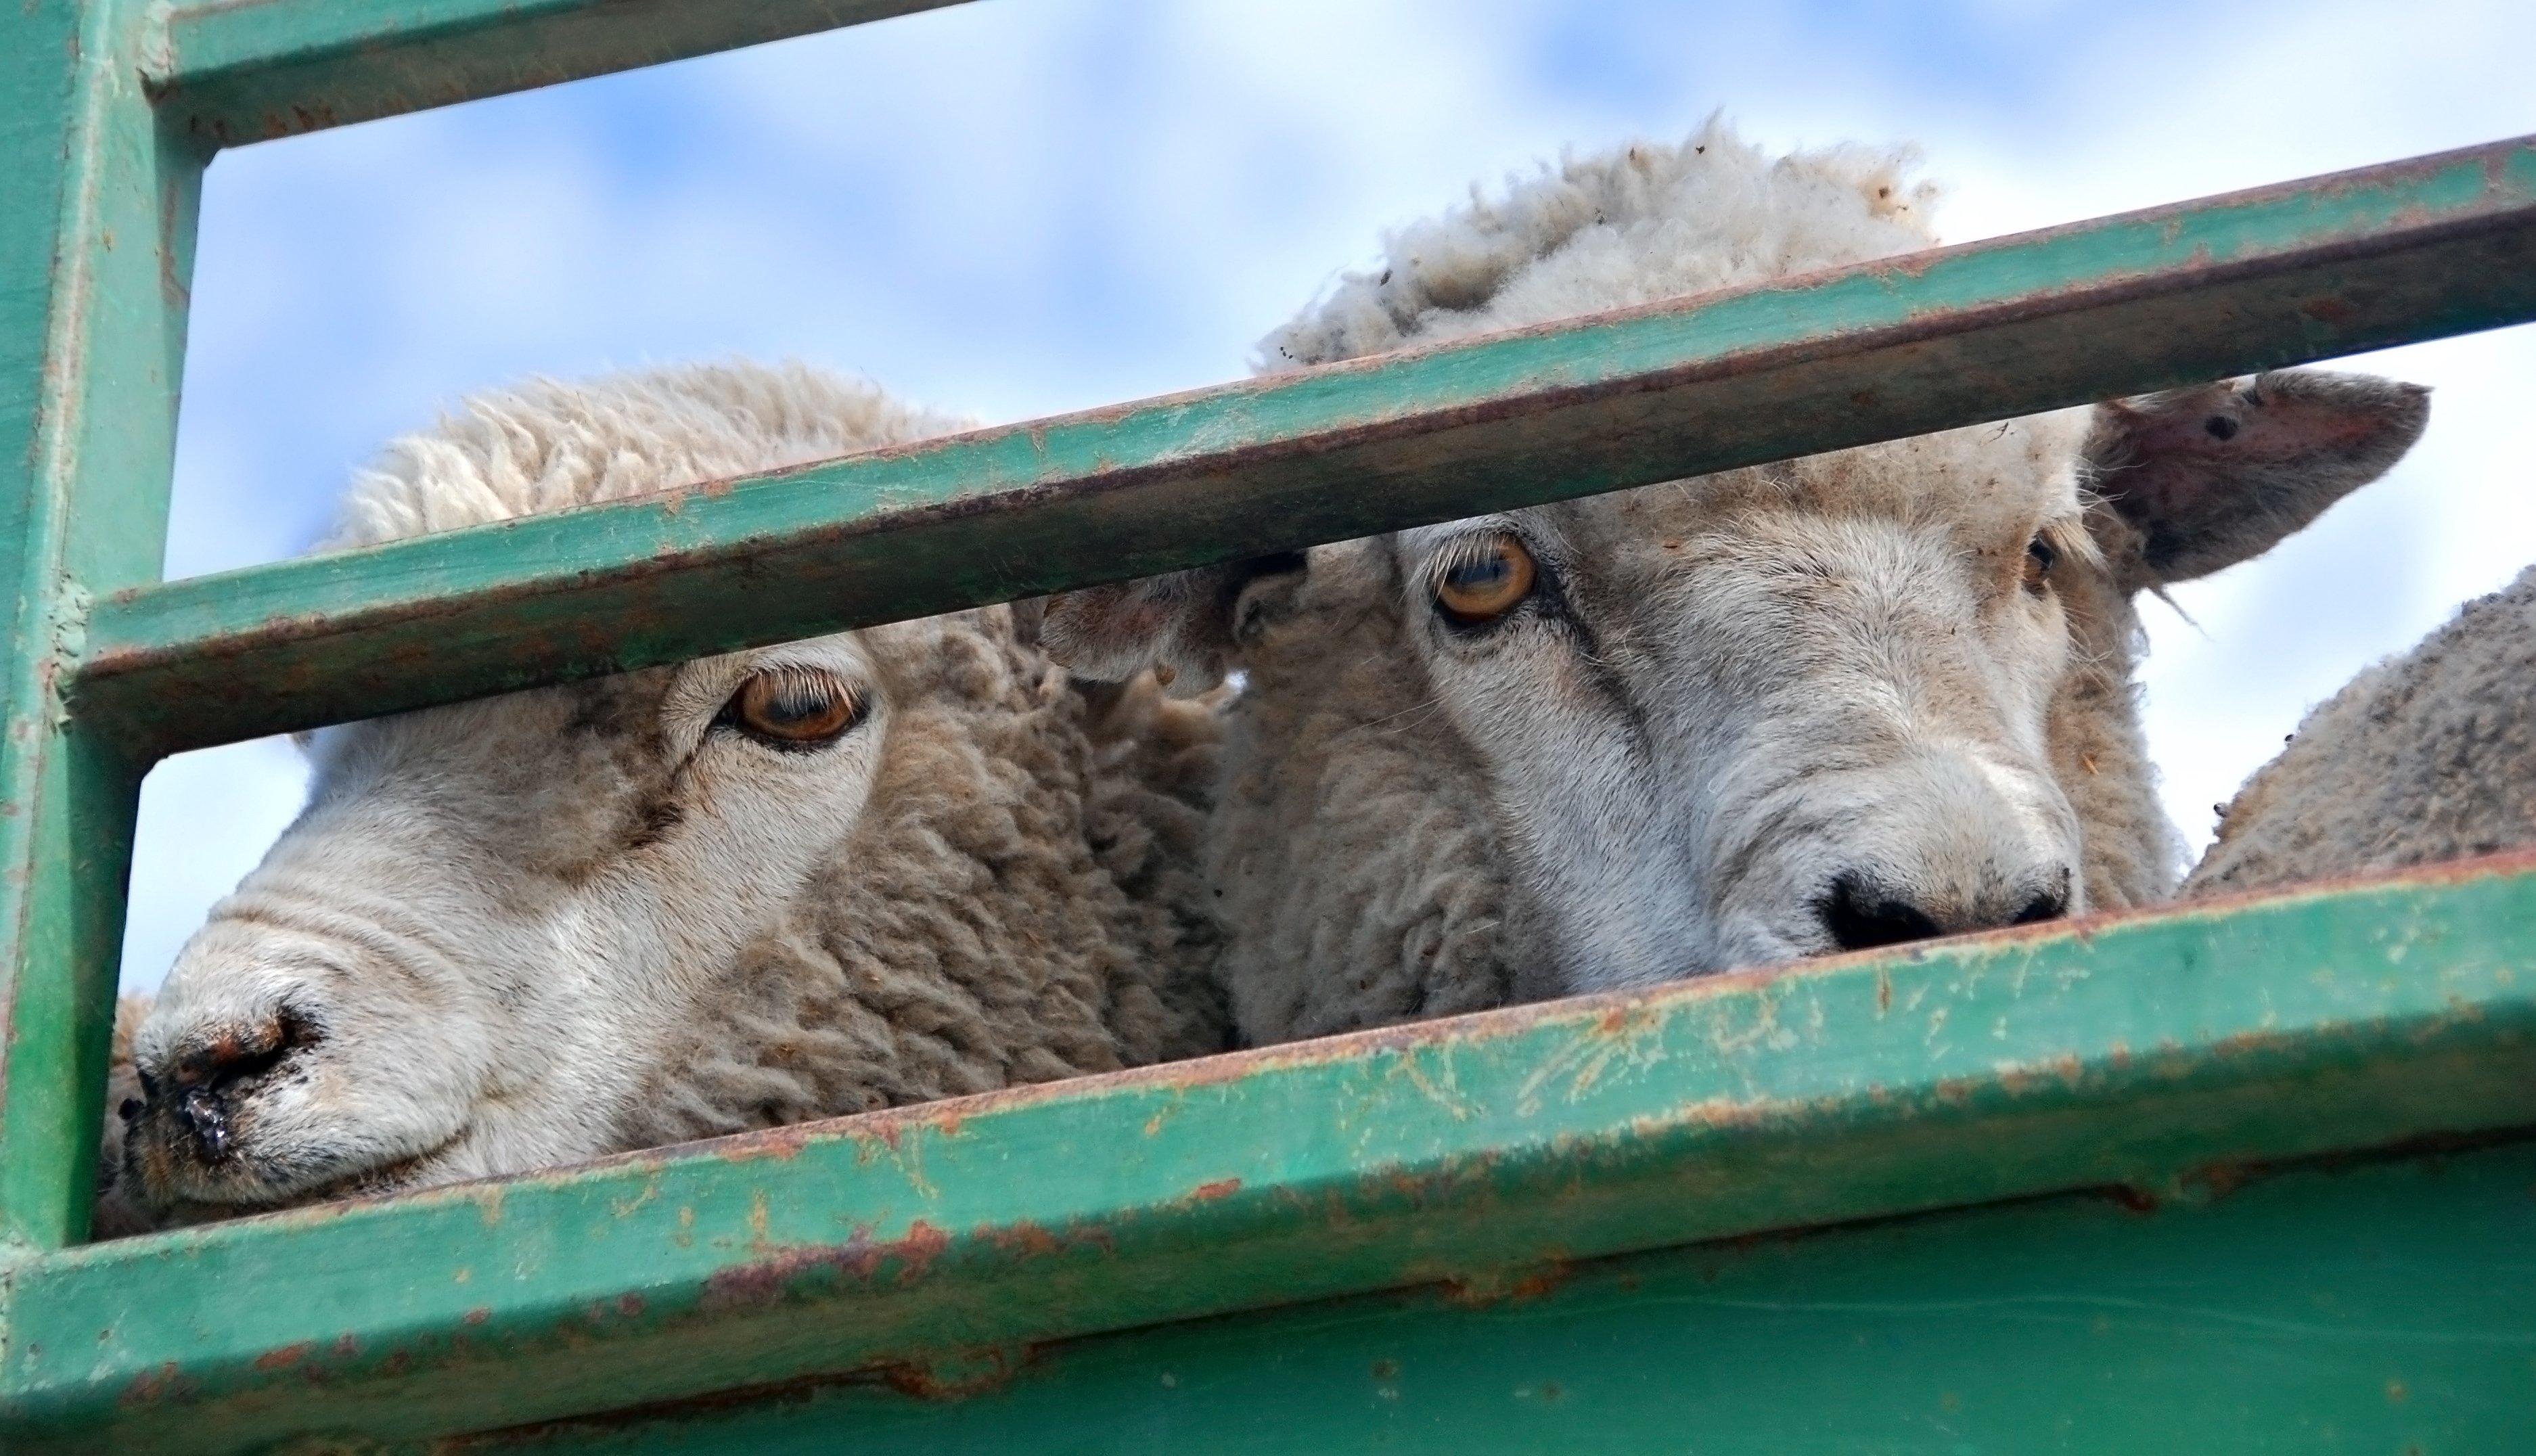 Ovejas dentro de un camión. Fuente: Shutterstock